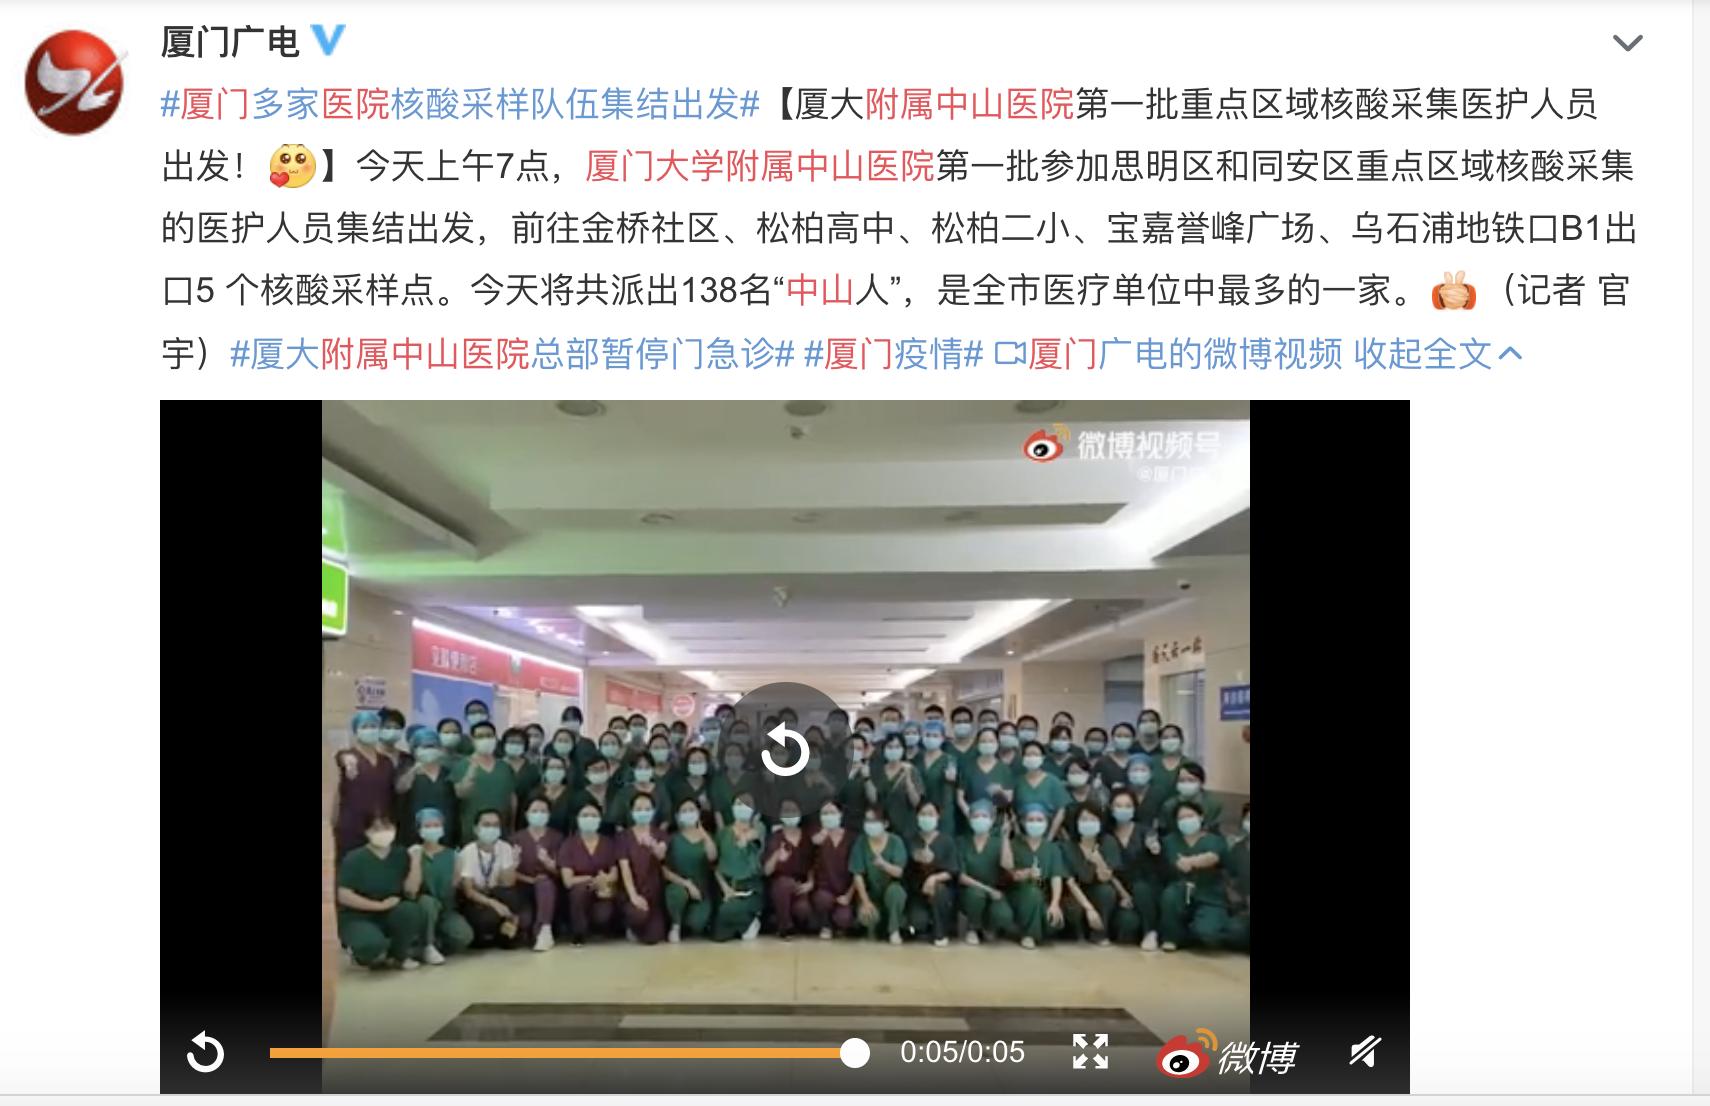 廈門附屬中山醫院在宣布停診之前,曾多次派出大量醫護人員參加當地社區的核酸檢測。(網絡截圖)